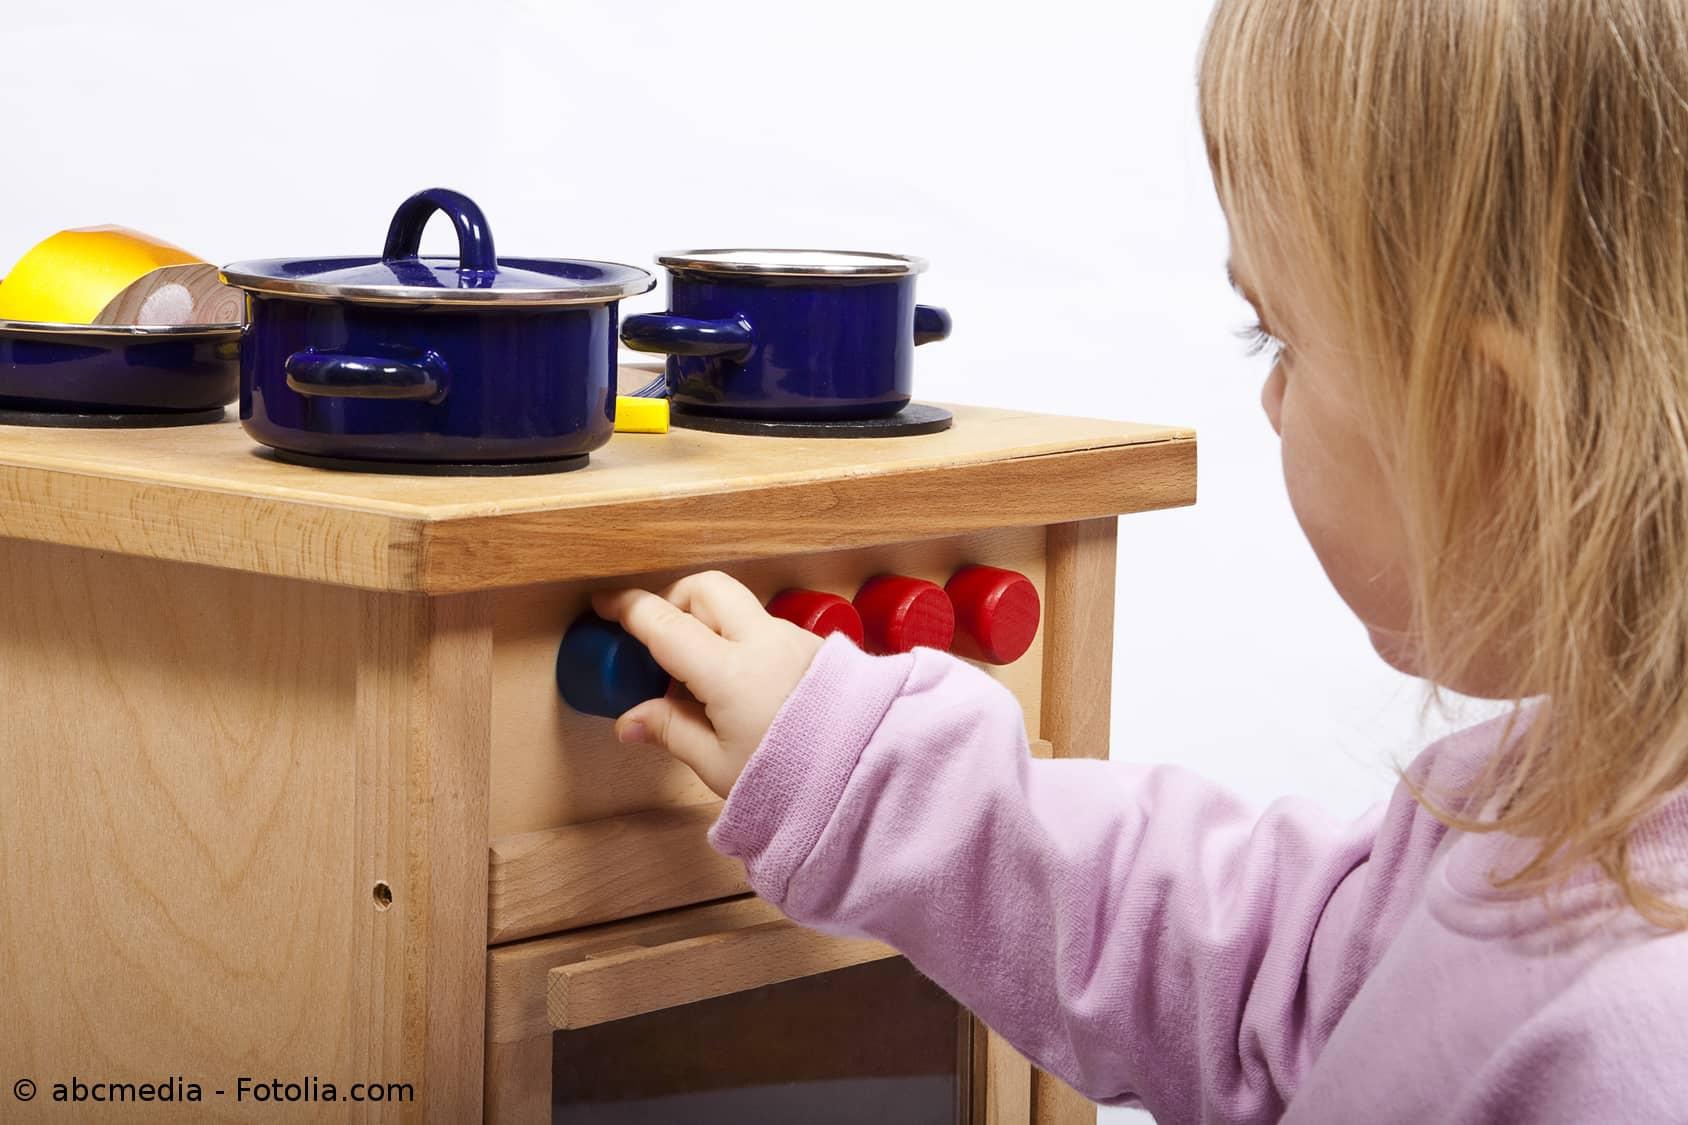 kinderk che kinderk chen f r kleine chefk che online kaufen. Black Bedroom Furniture Sets. Home Design Ideas